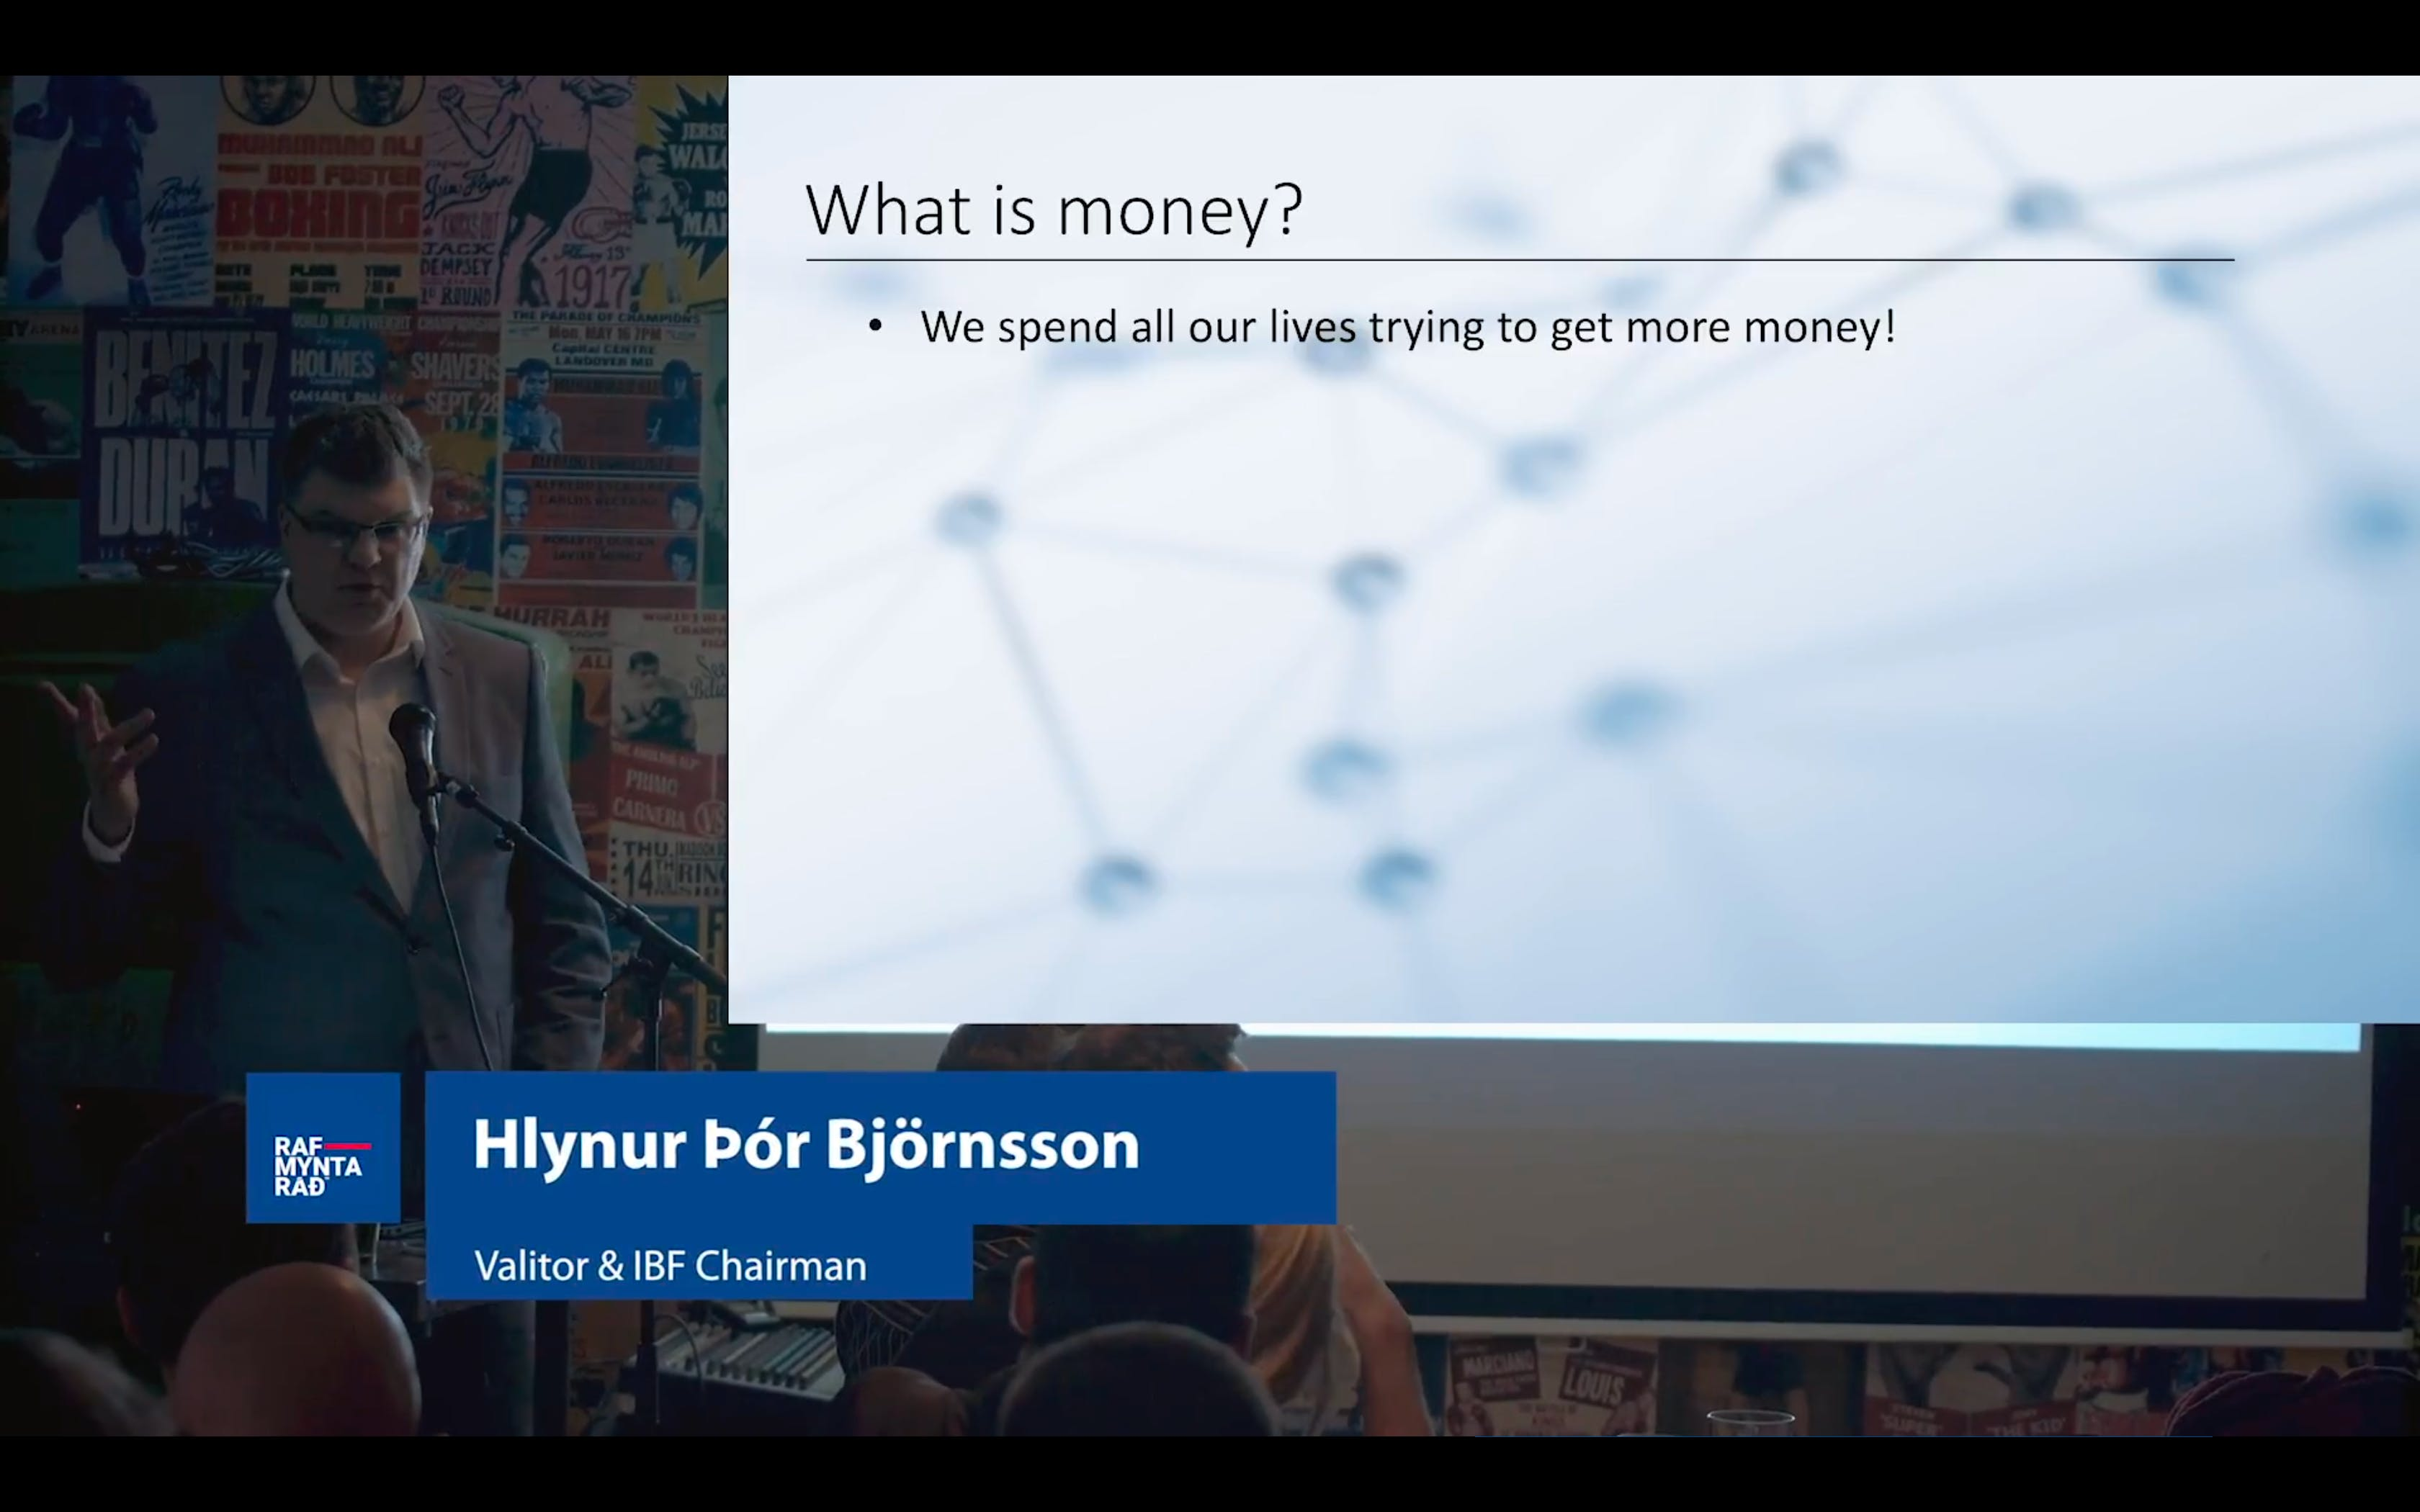 What is money? - Hlynur Þór Björnsson